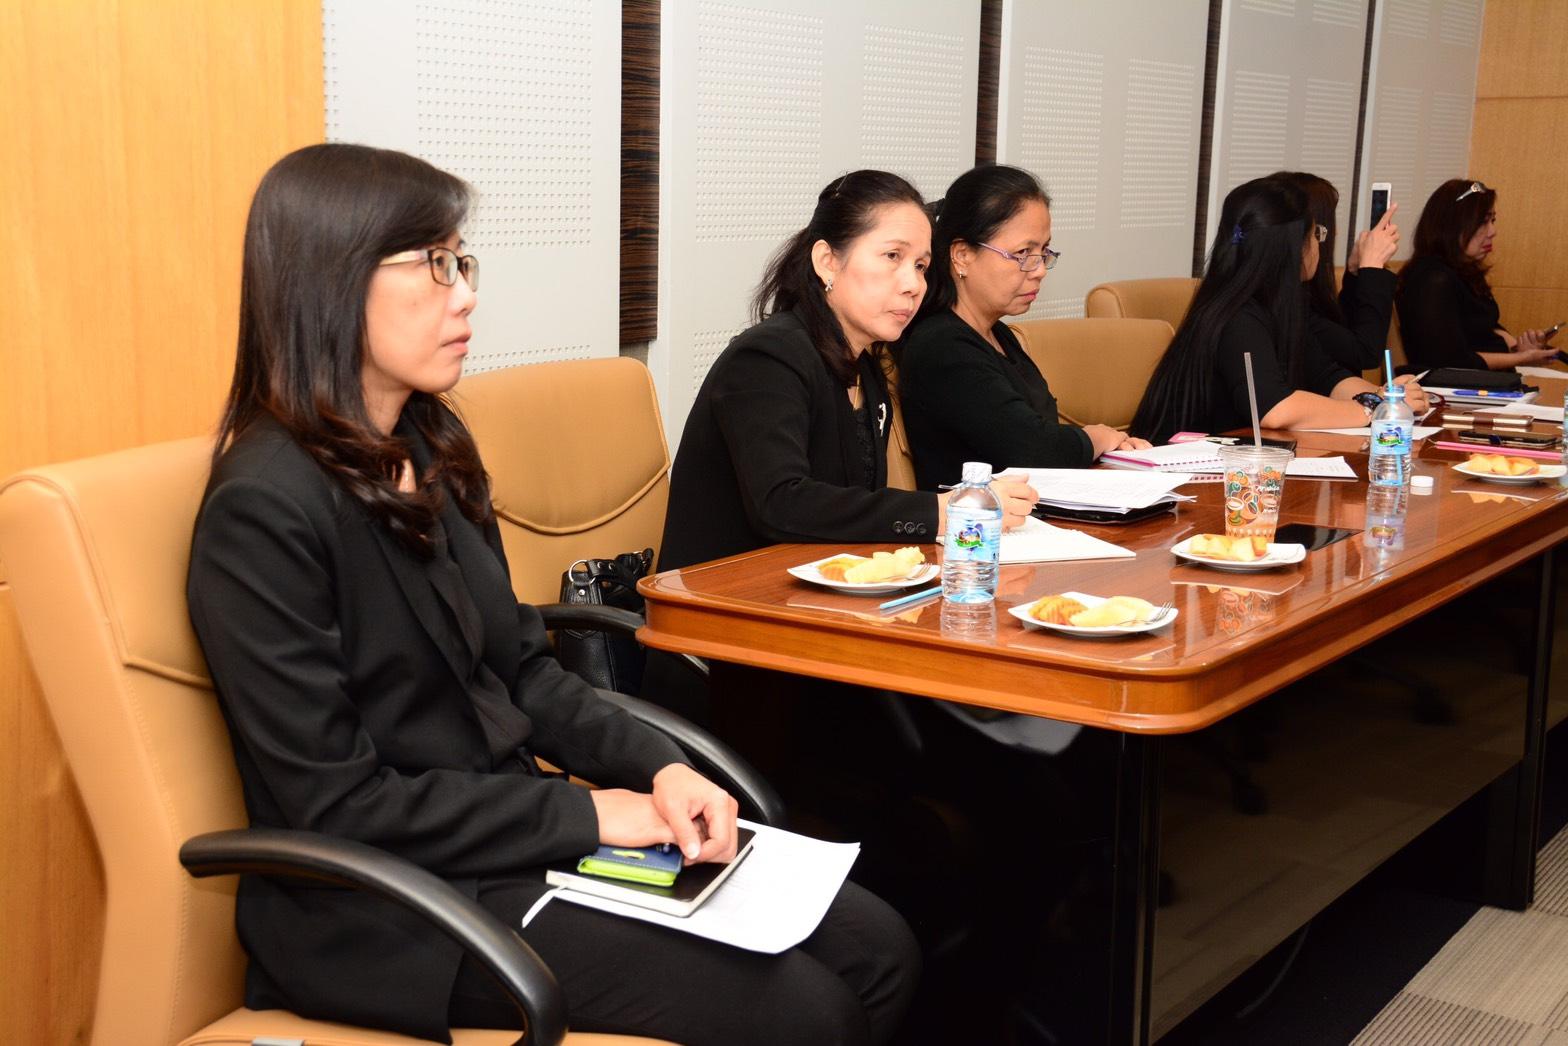 ประชุมร่วมกับผู้อำนวยการศูนย์ประสานการบริการด้านการลงทุน สำนักงานคณะกรรมการส่งเสริมการลงทุน เพื่อทราบถึงเทคนิคและหลักการการดำเนินโครงการพัฒนาระบบนำร่องการจัดหาและพัฒนาระบบ Single Window ศูนย์บริการวีซ่าและใบอนุญาตทำงาน และตรวจเยี่ยมศูนย์บริการวีซ่าและใบอน